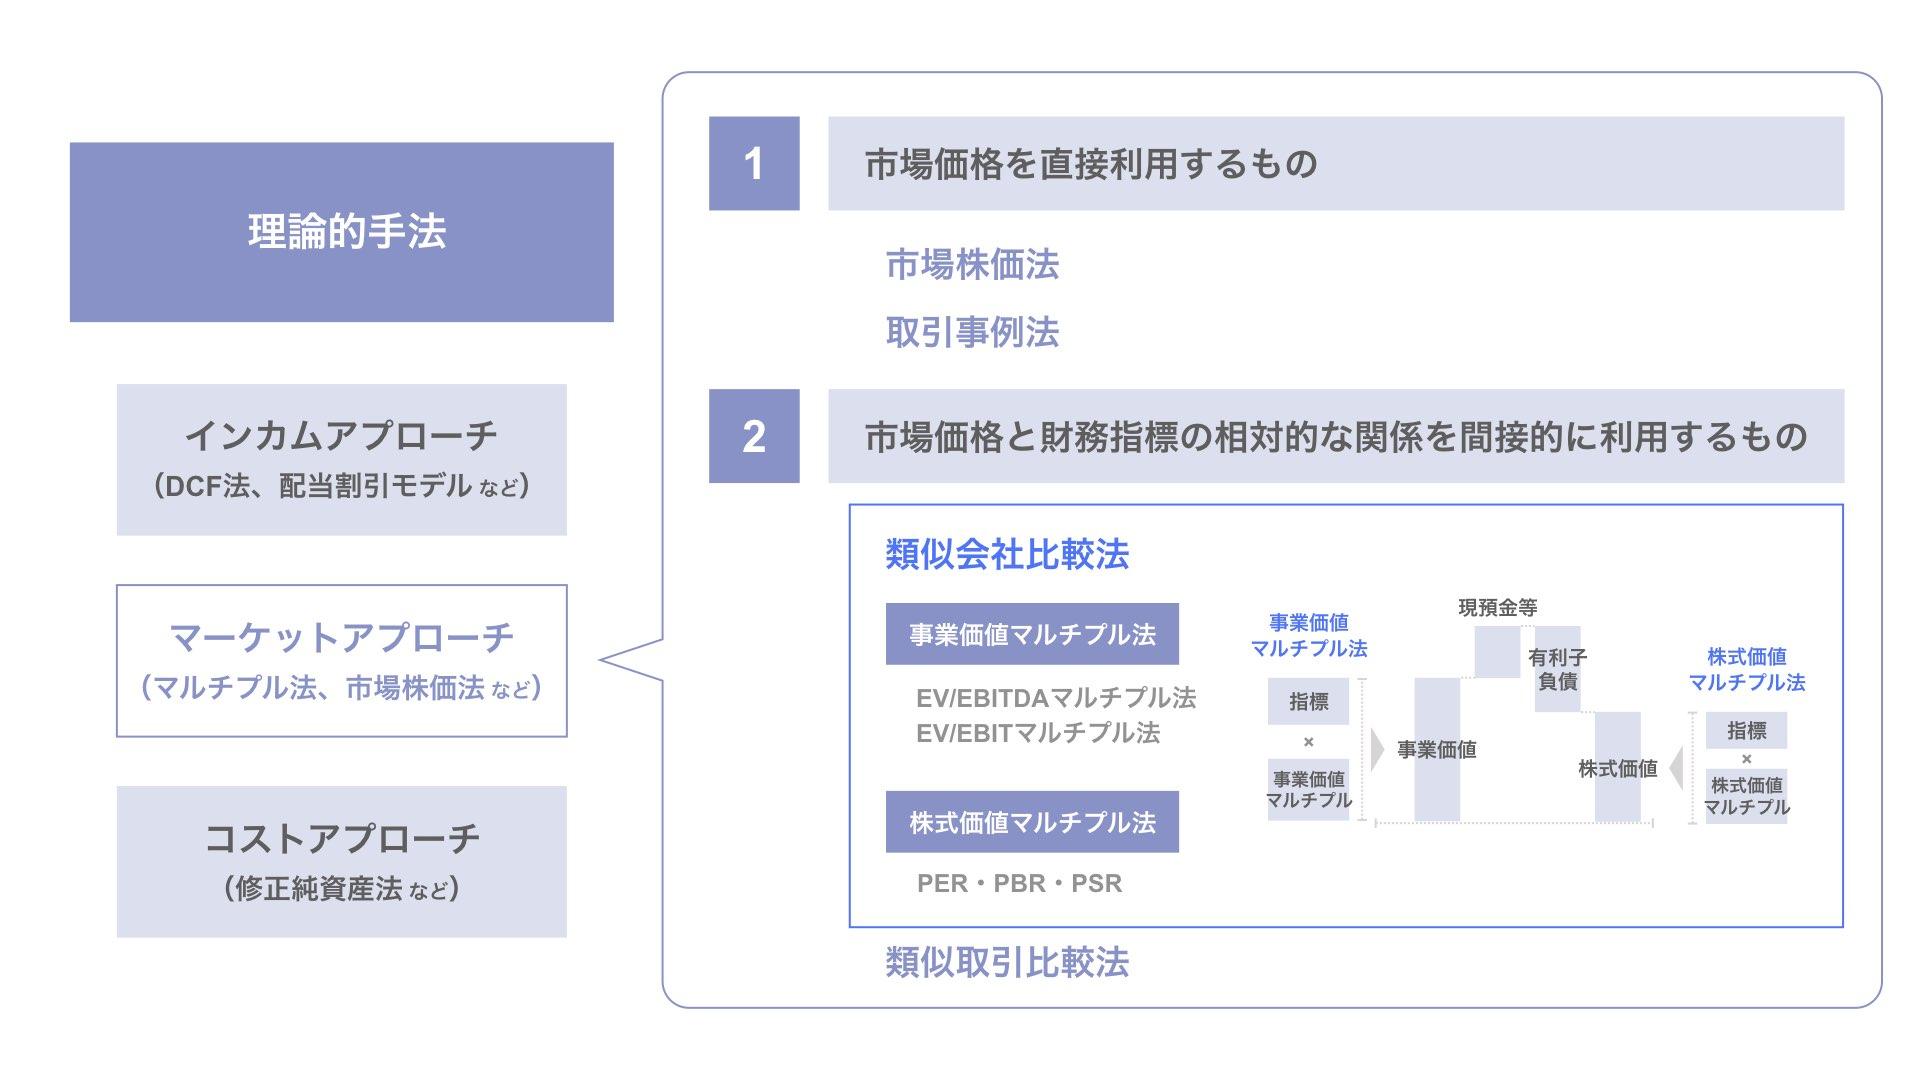 類似会社比較法におけるマルチプル法